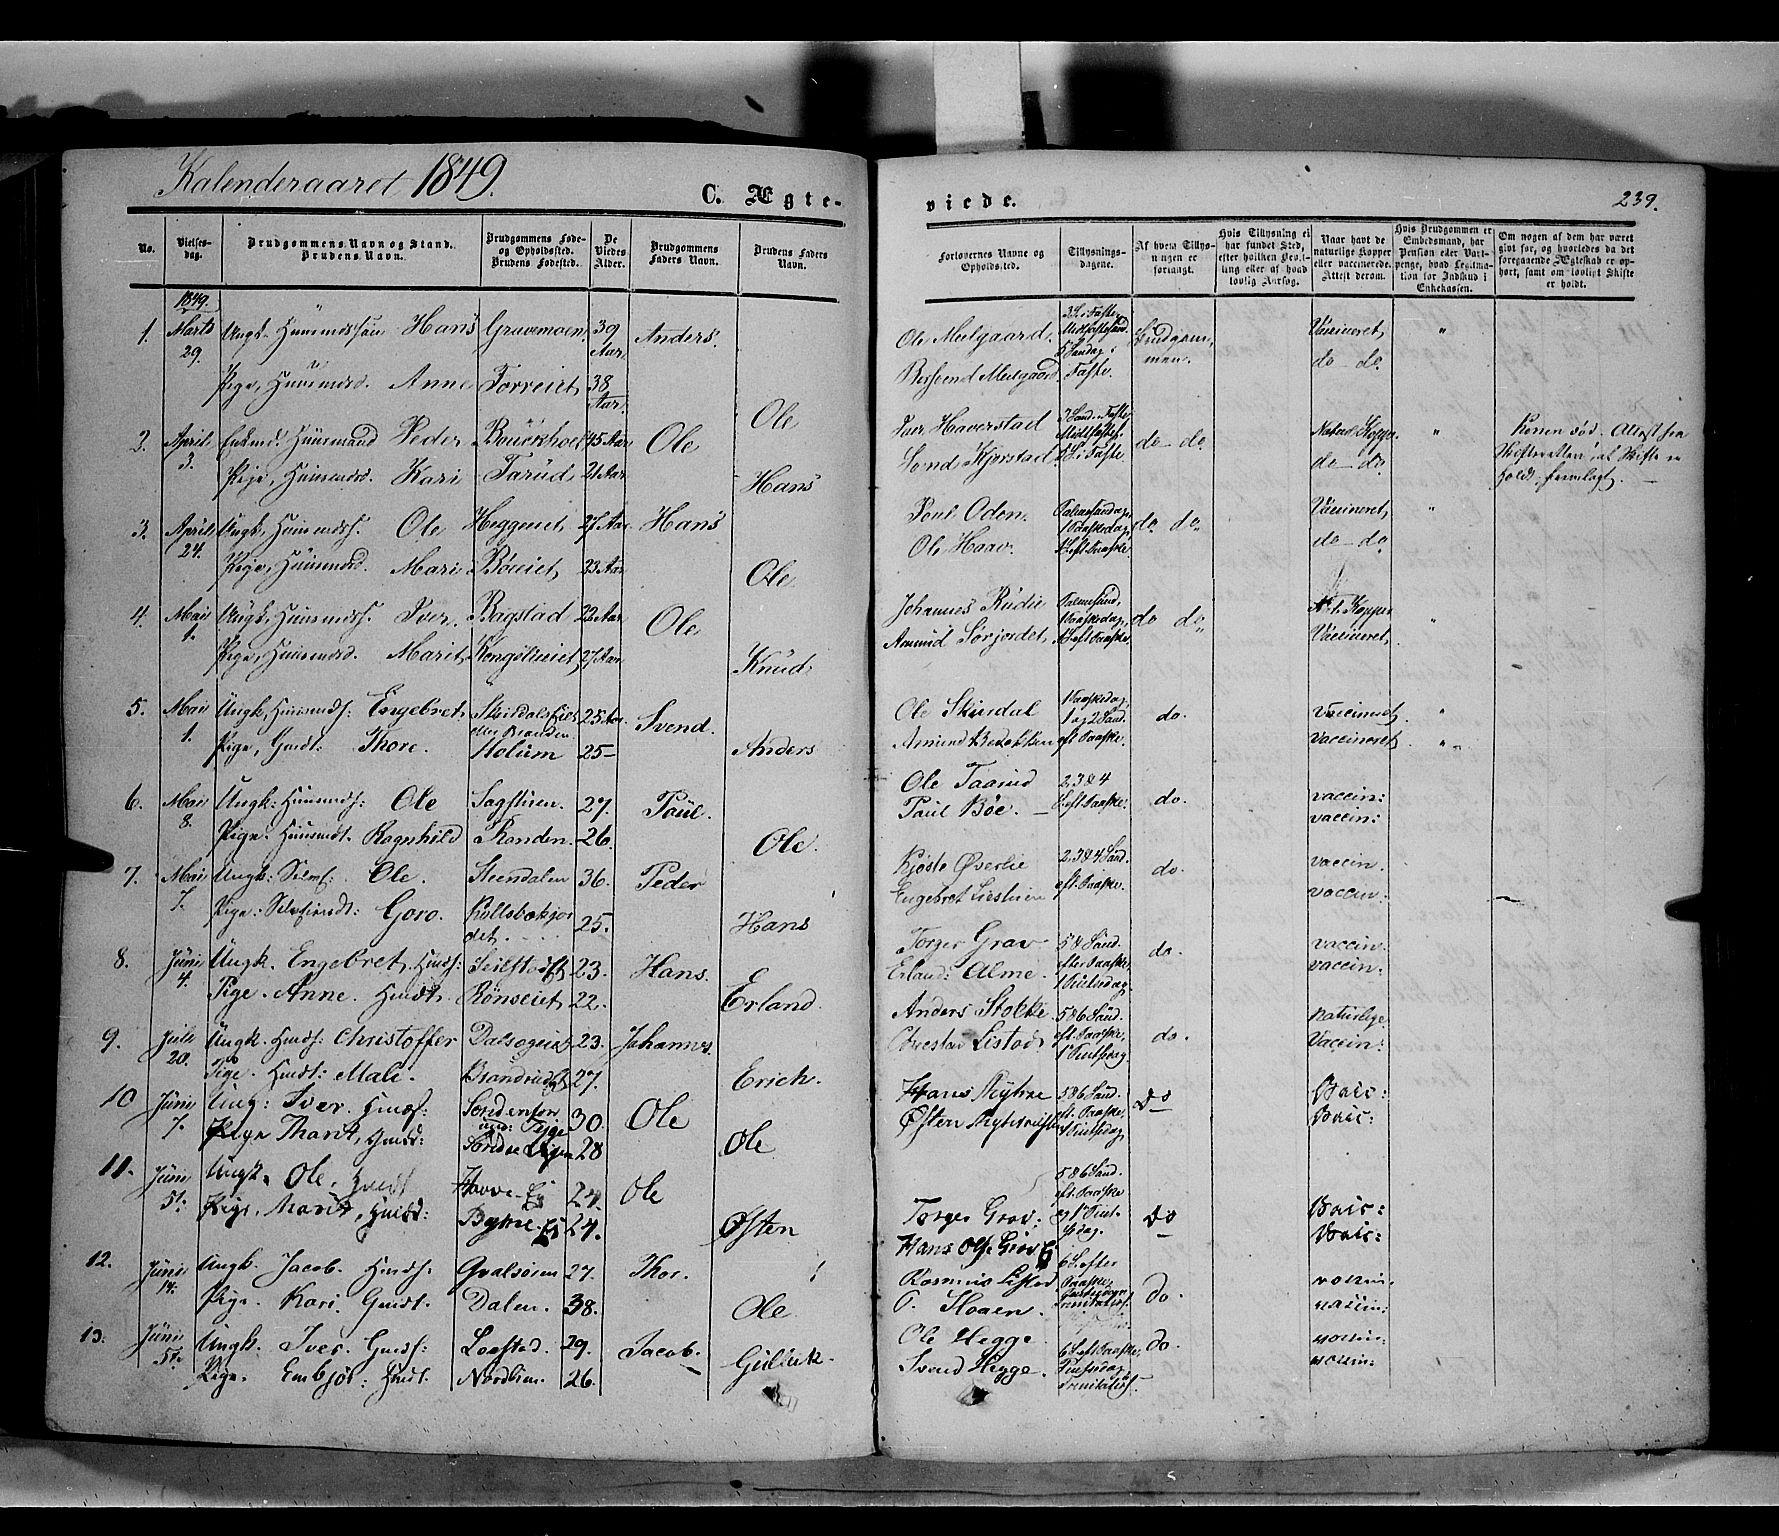 SAH, Sør-Fron prestekontor, H/Ha/Haa/L0001: Ministerialbok nr. 1, 1849-1863, s. 239